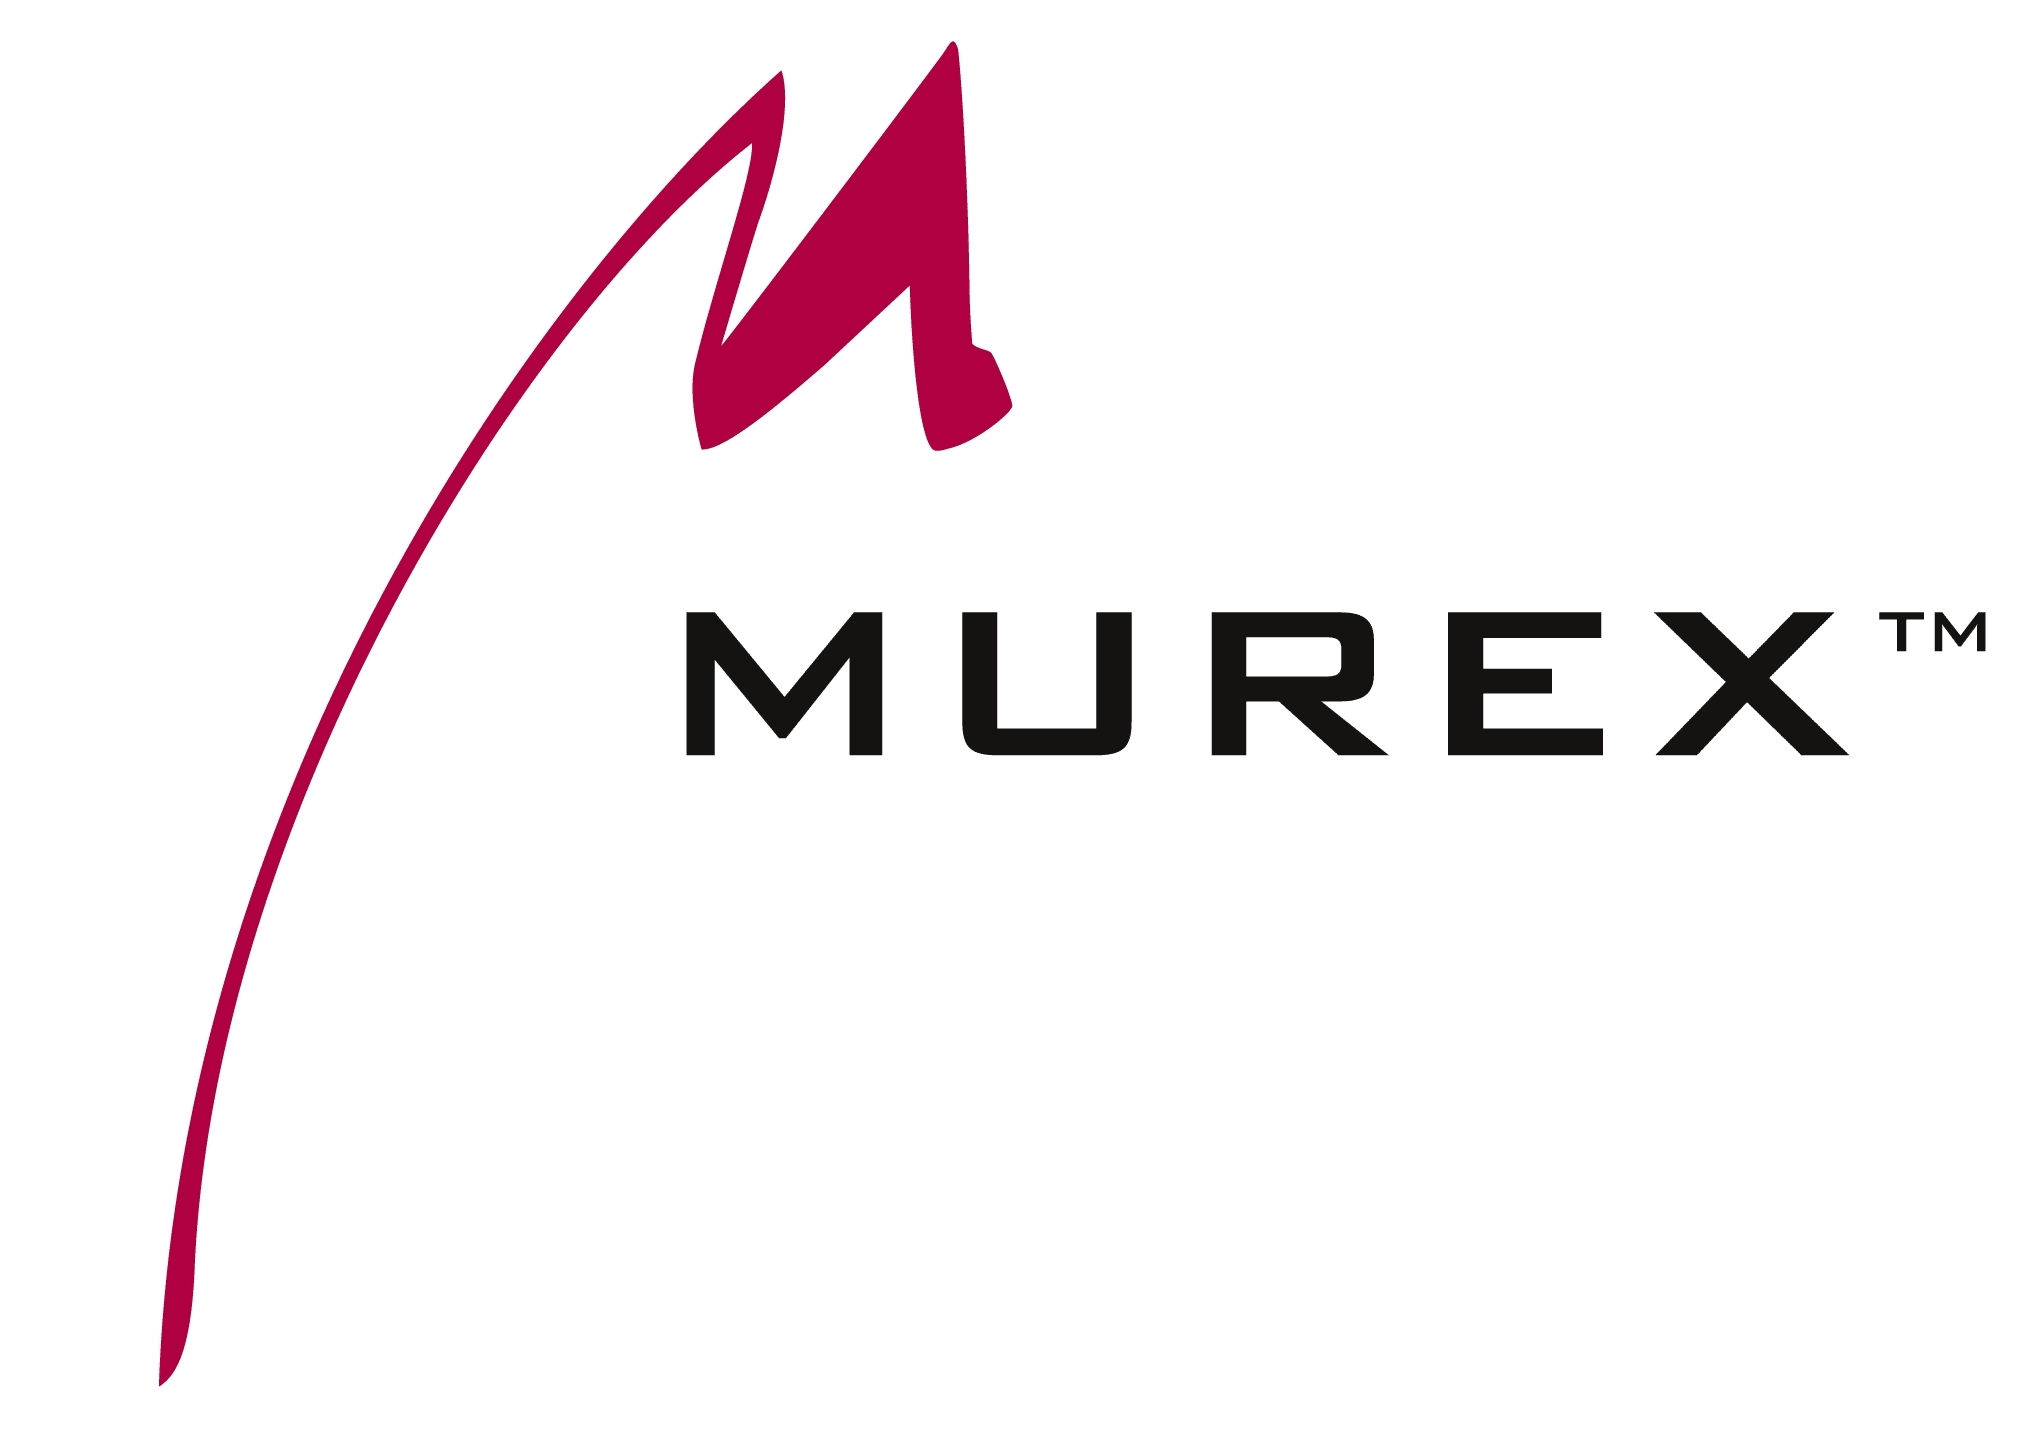 Murex Announces an Enterprise FRTB Solution as Part of Its